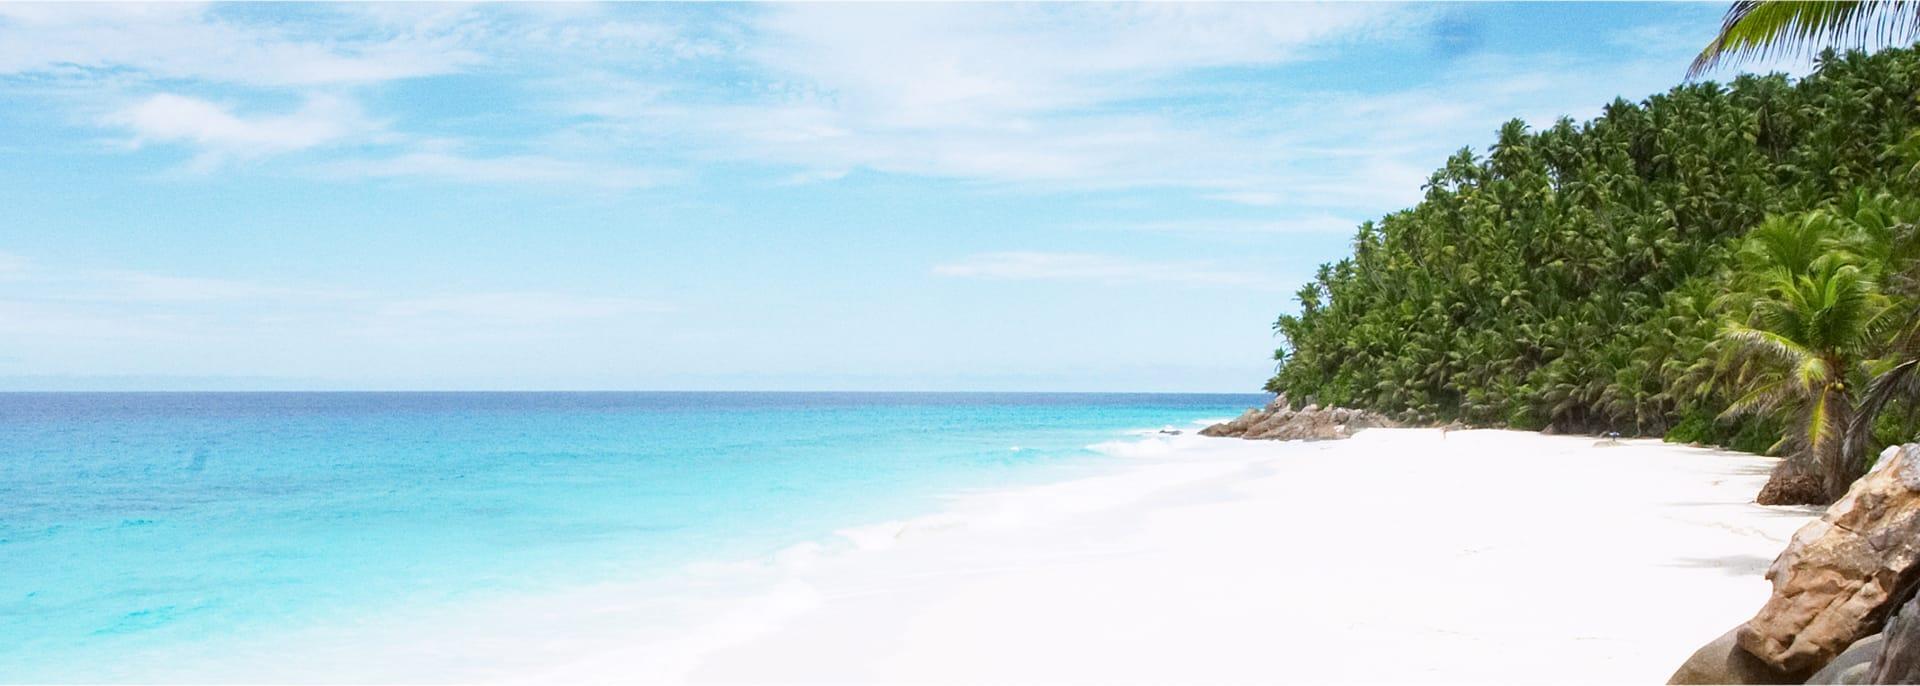 Weißer Sandstrand auf der Fregate Island, ein exklusives Resort im Indischen Ozean auf den Seychellen